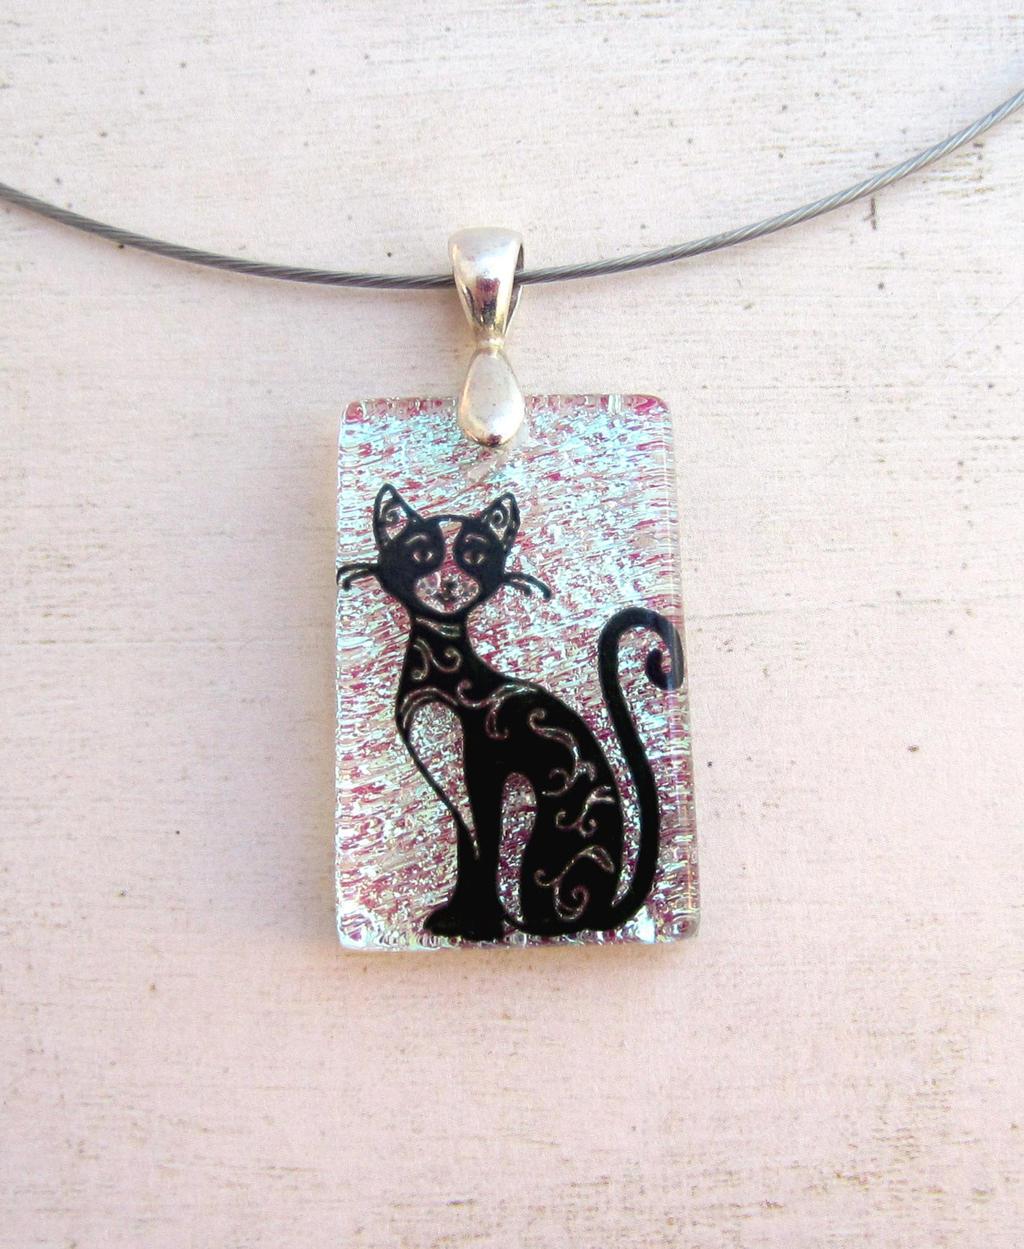 Fancy Cat Fused Glass Translucent Pendant